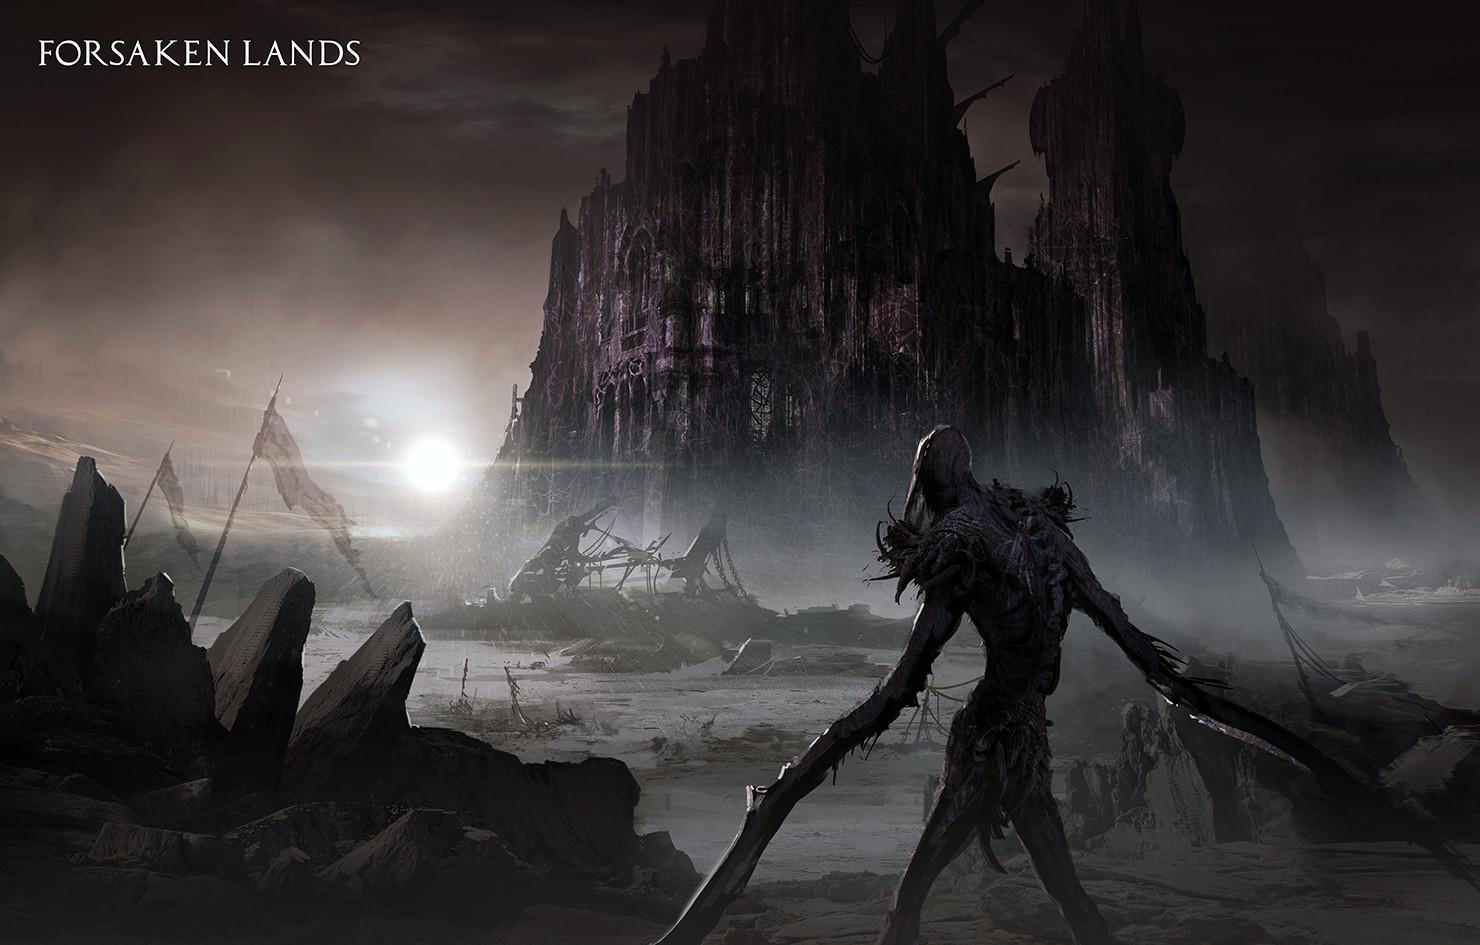 Forsaken Lands